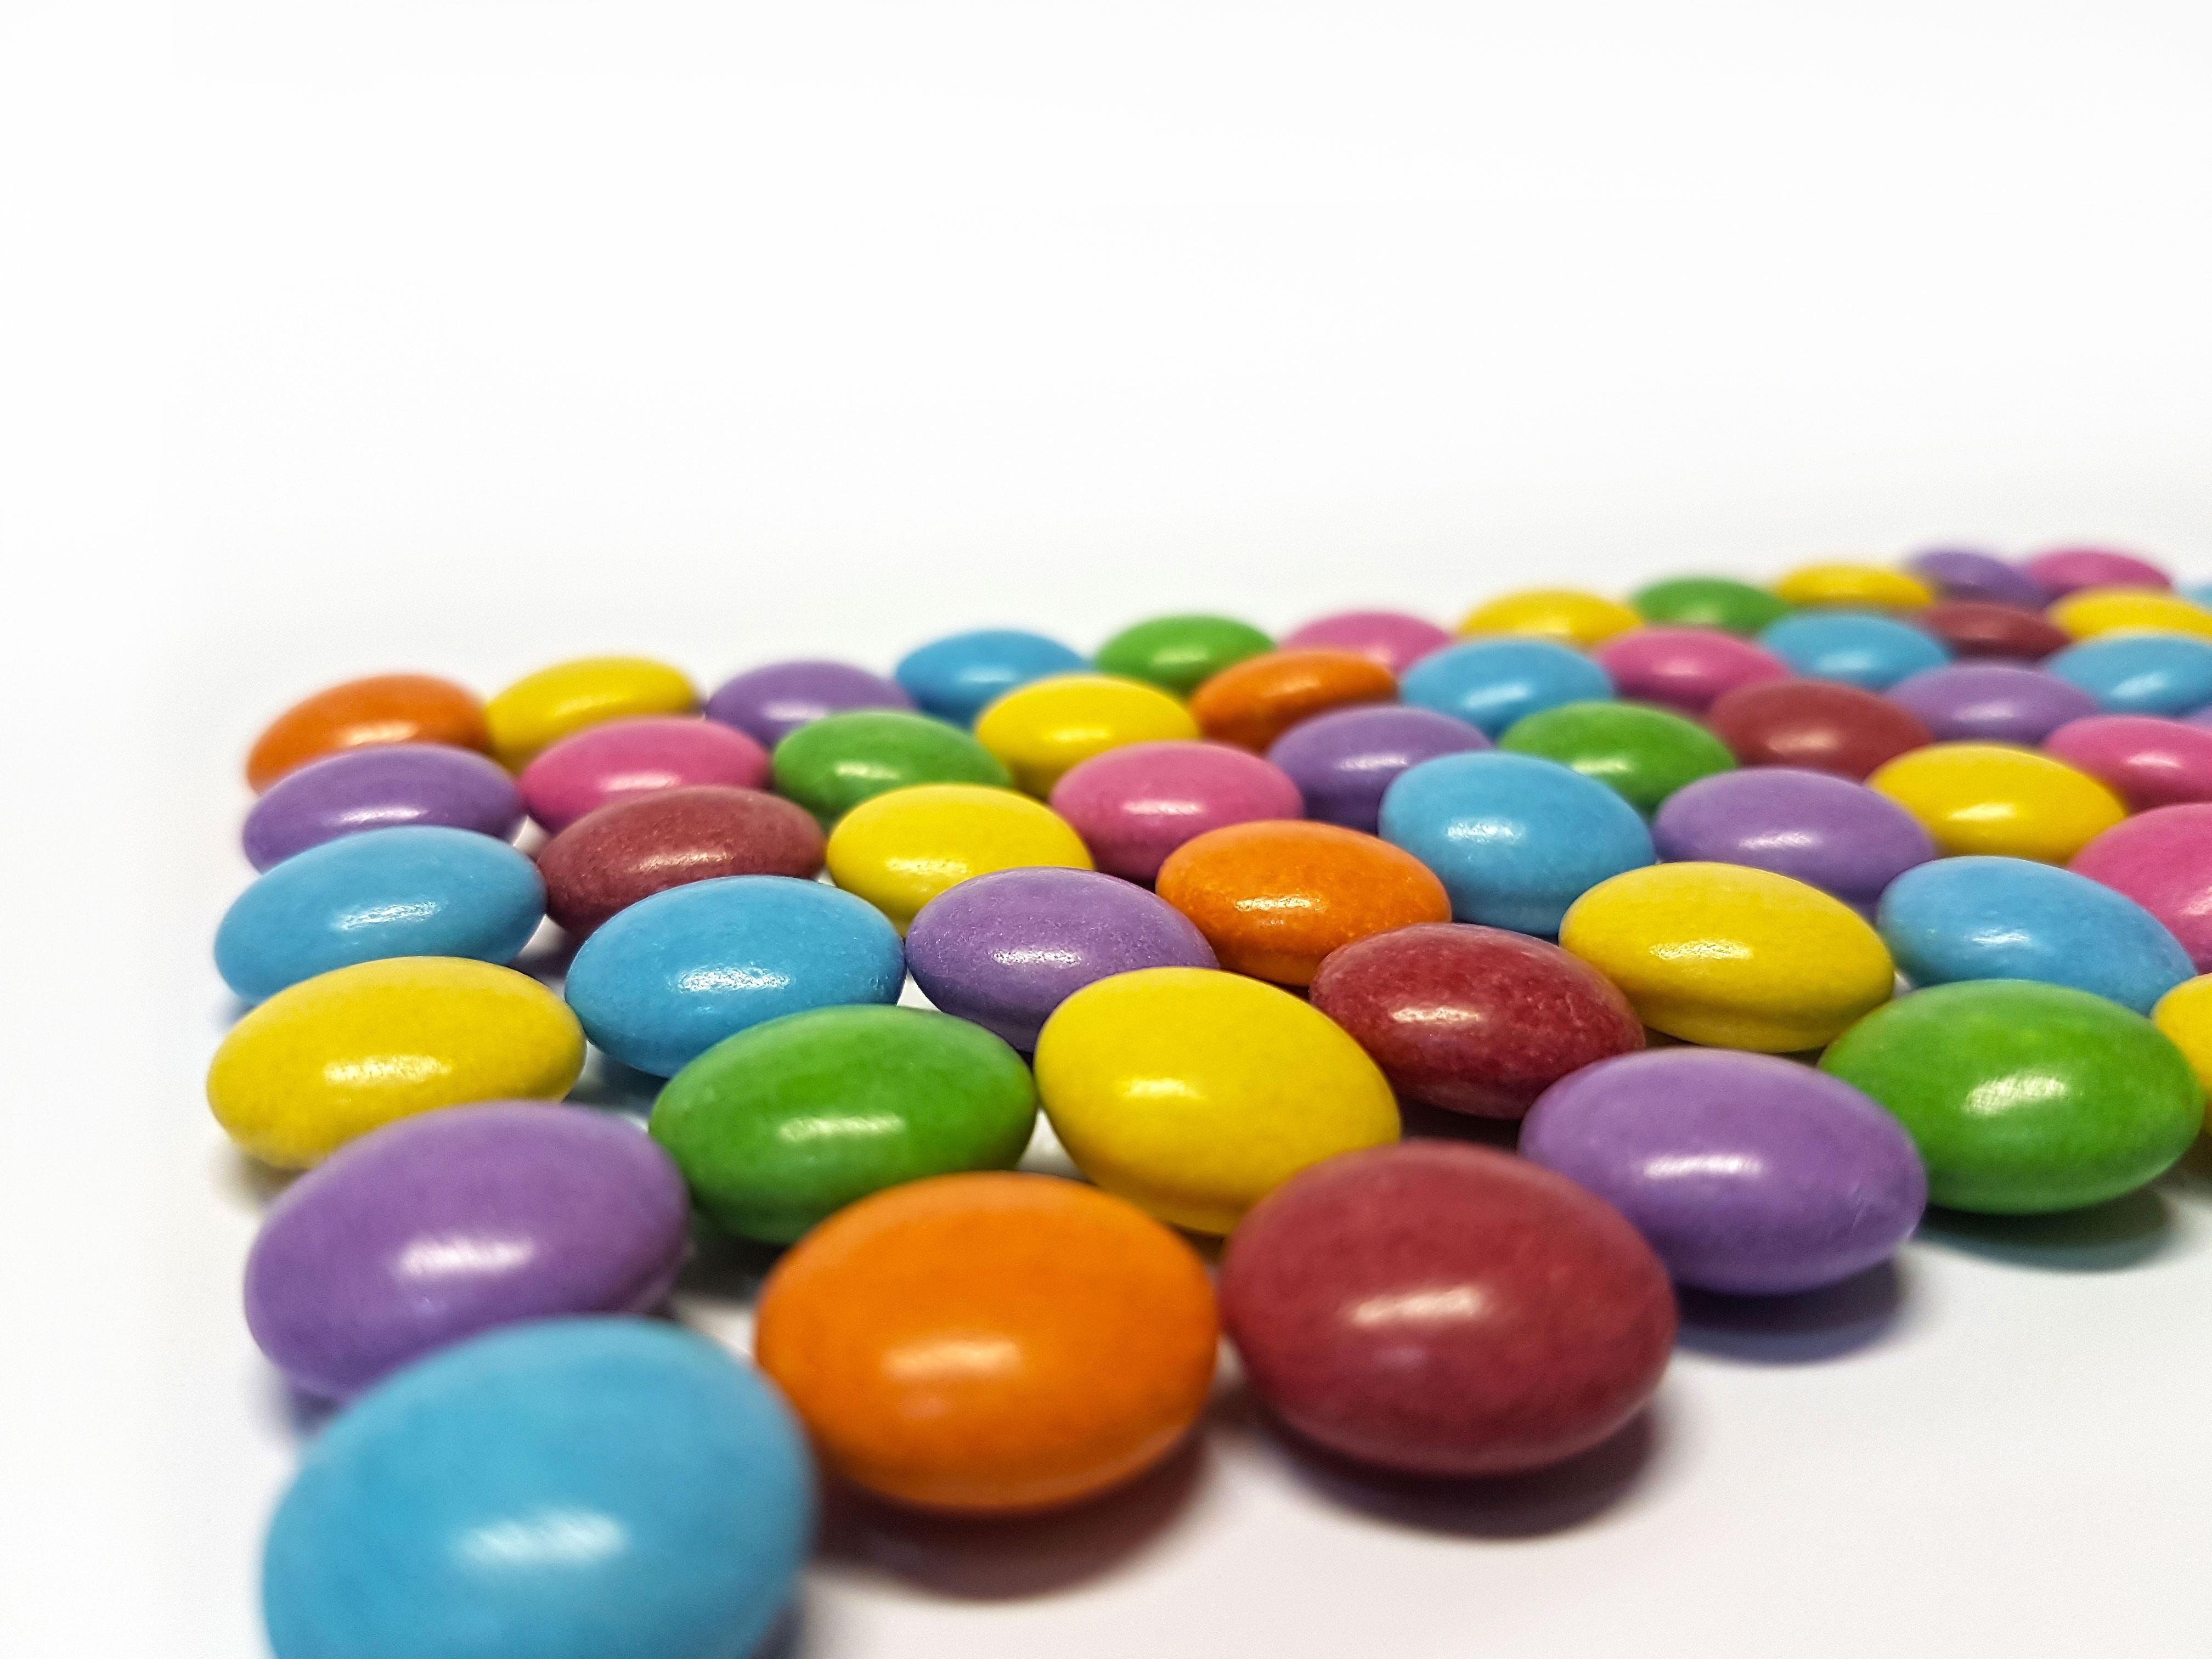 Exceptionnel Images Gratuites : aliments, Couleur, perle, dessert, Smarties  LV67